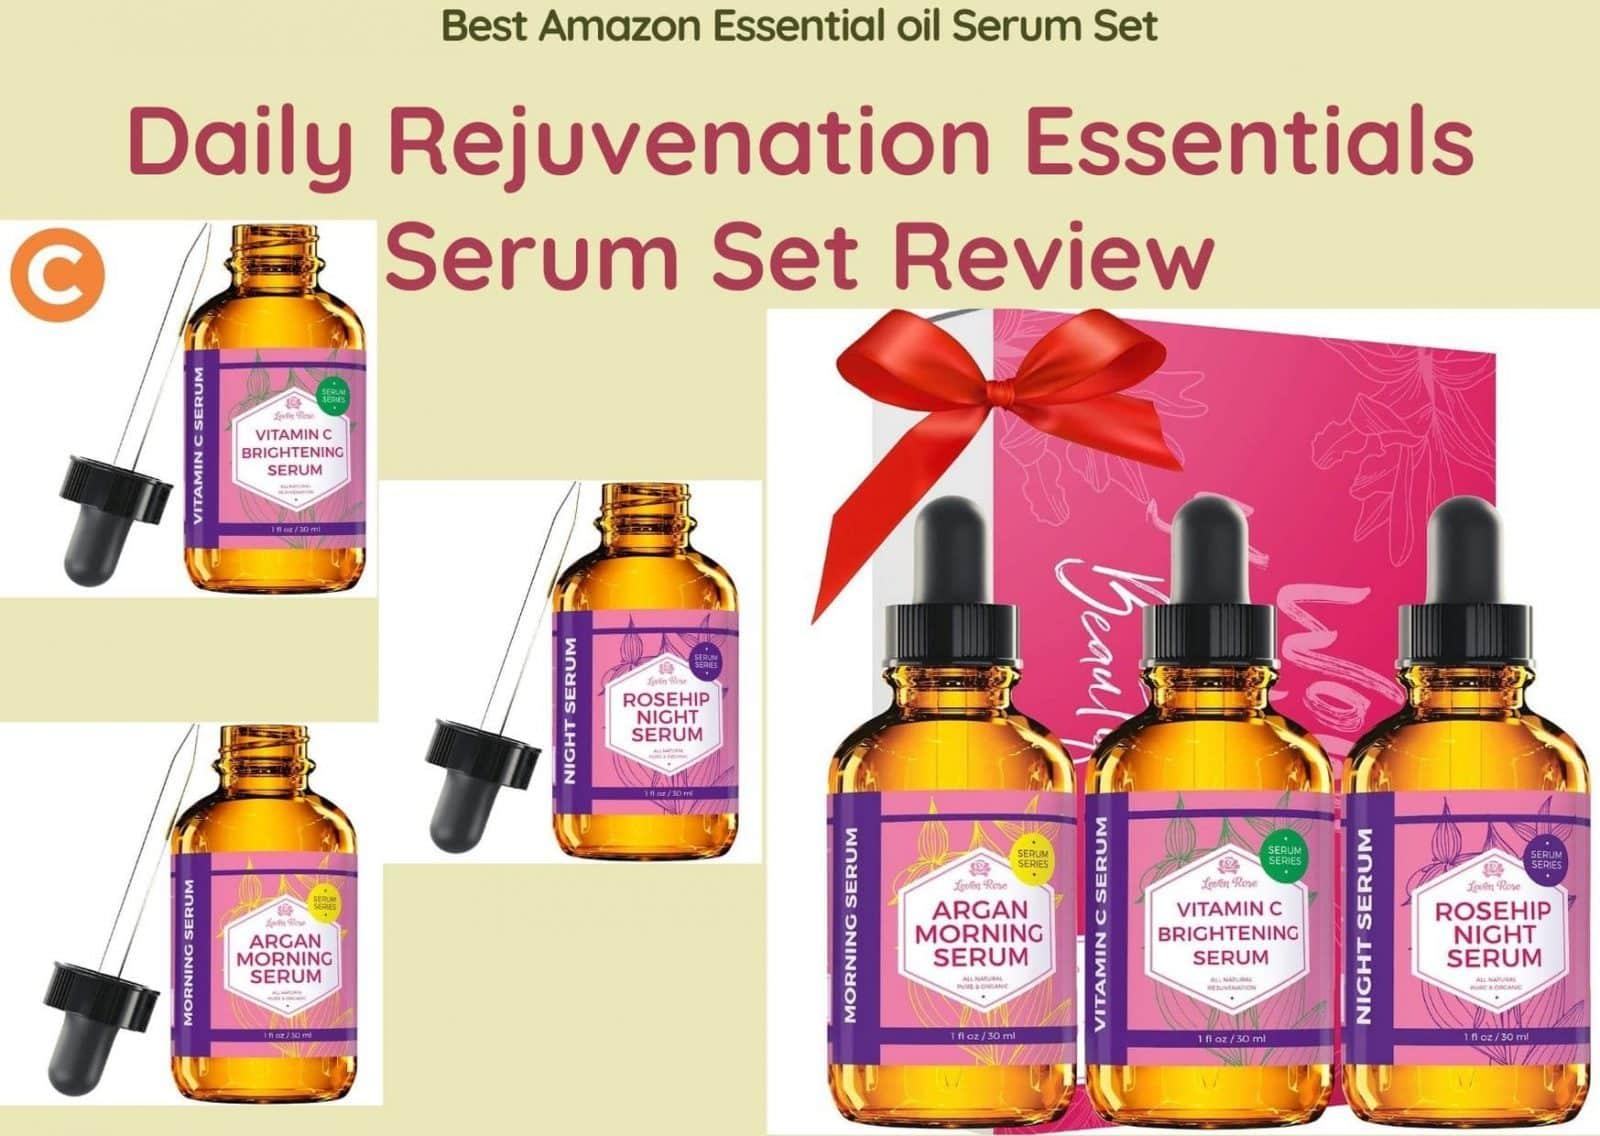 Daily Rejuvenation Essentials Serum Set Review